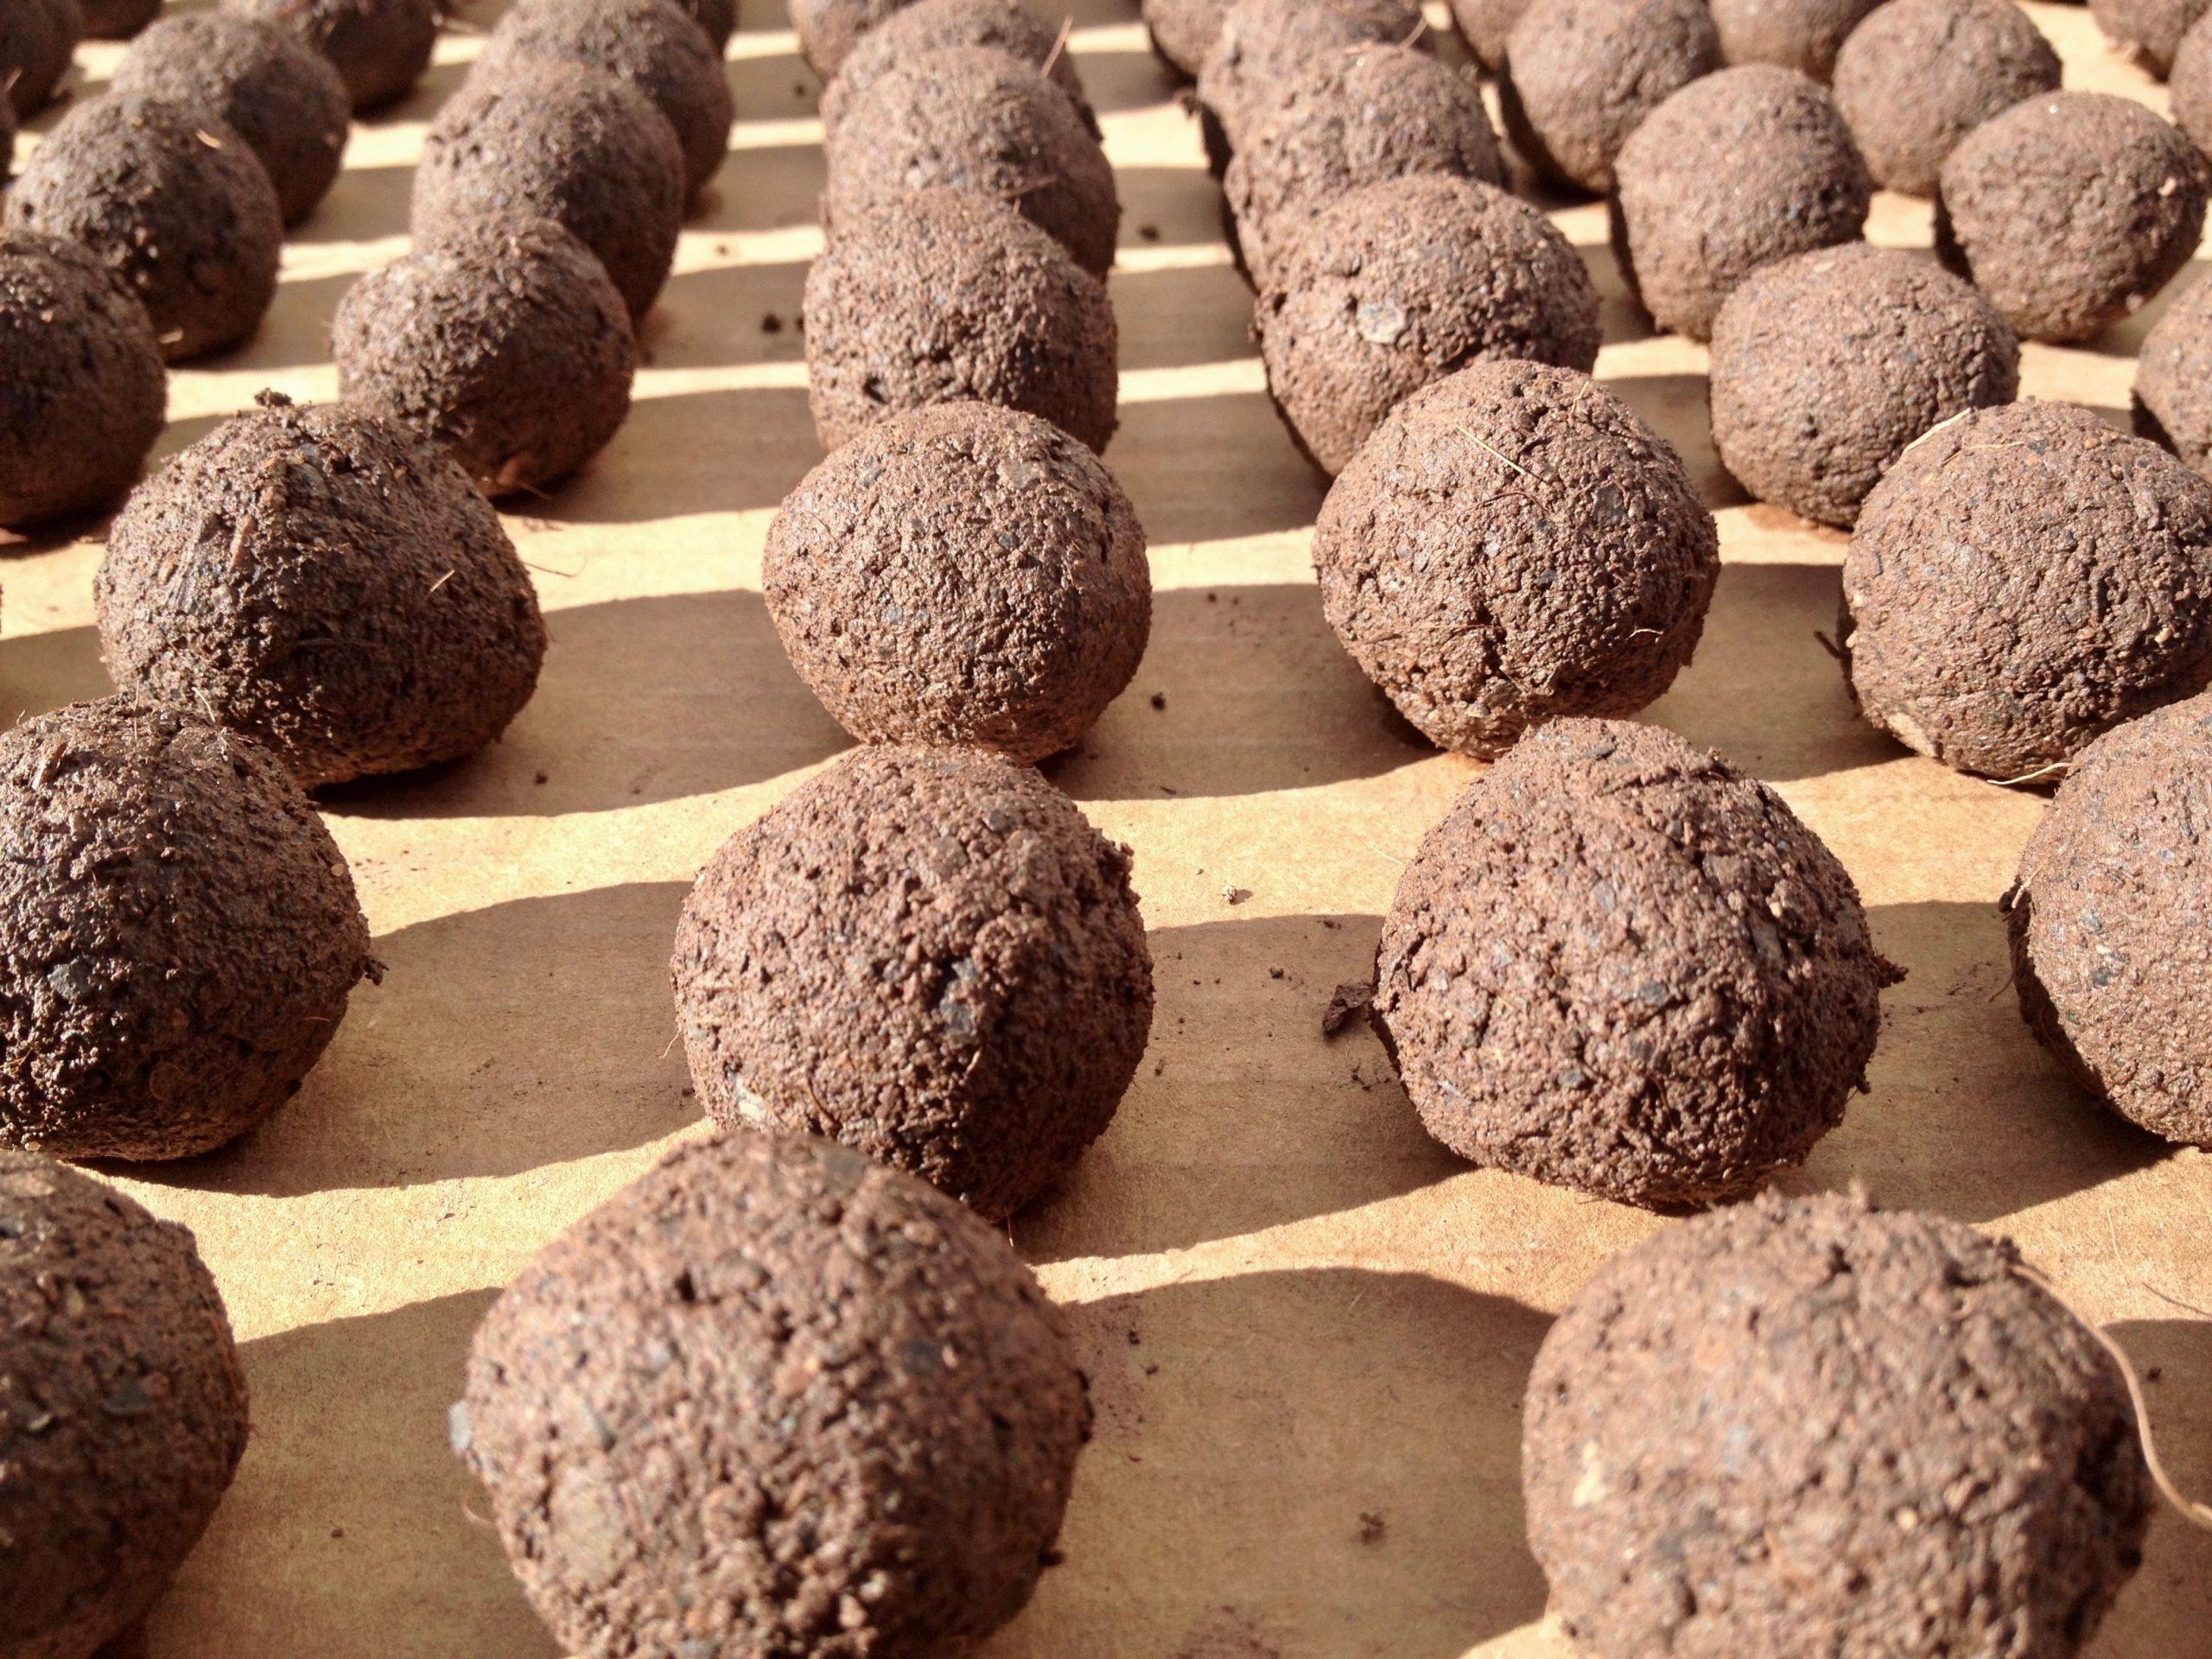 regalo de empresa plantable fabricacion bomba de semillas